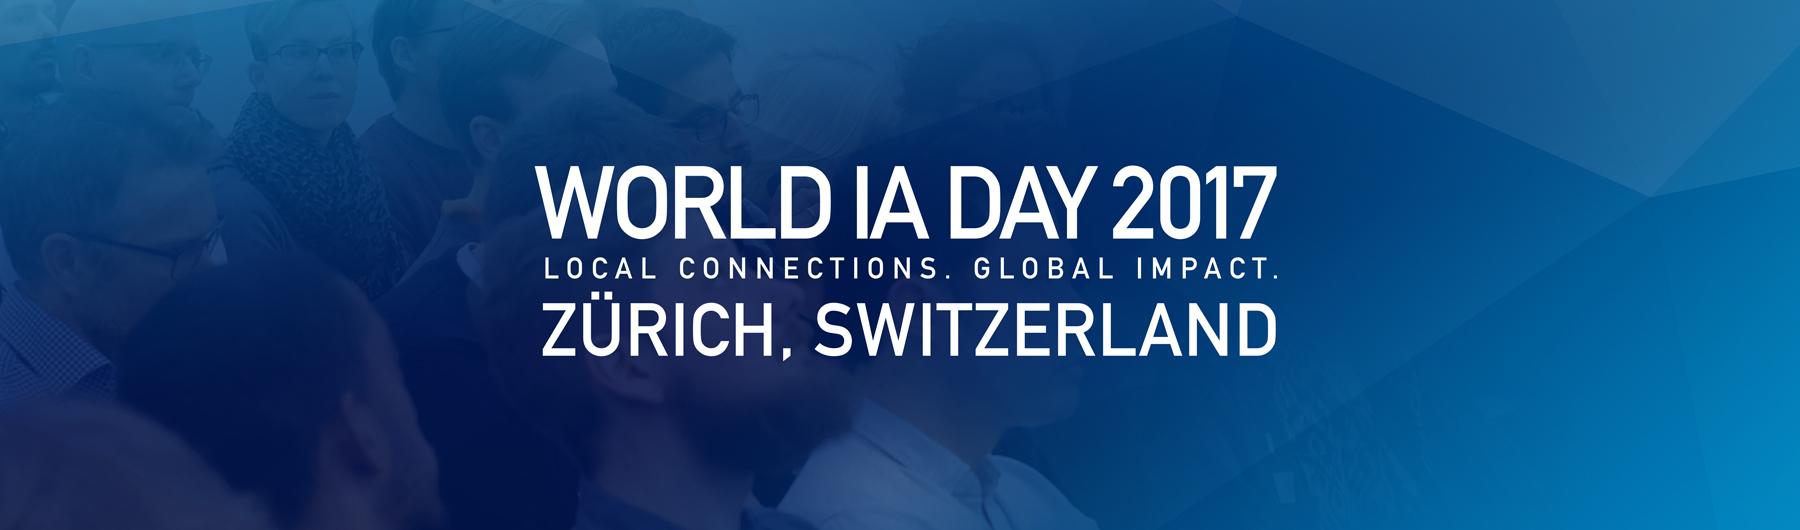 WIAD Switzerland 2017